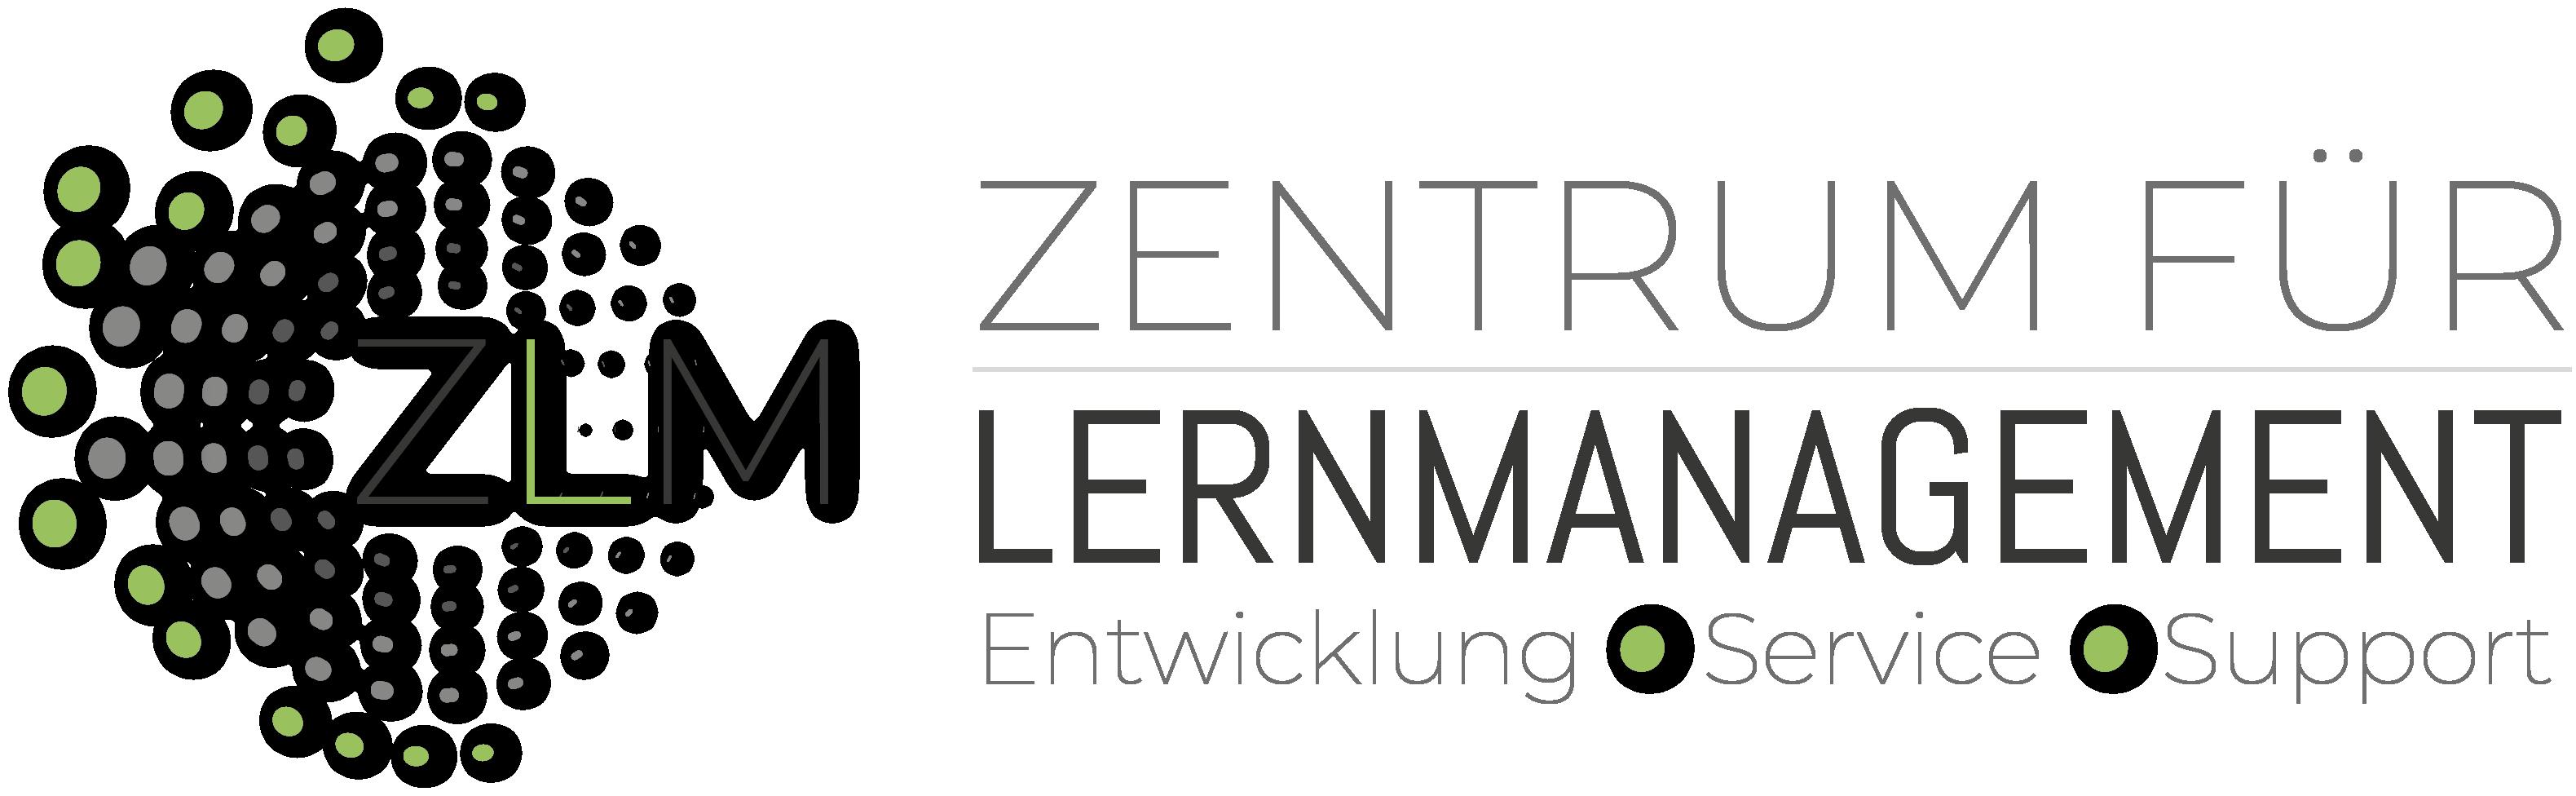 ZLM – Zentrum für Lernmanagement